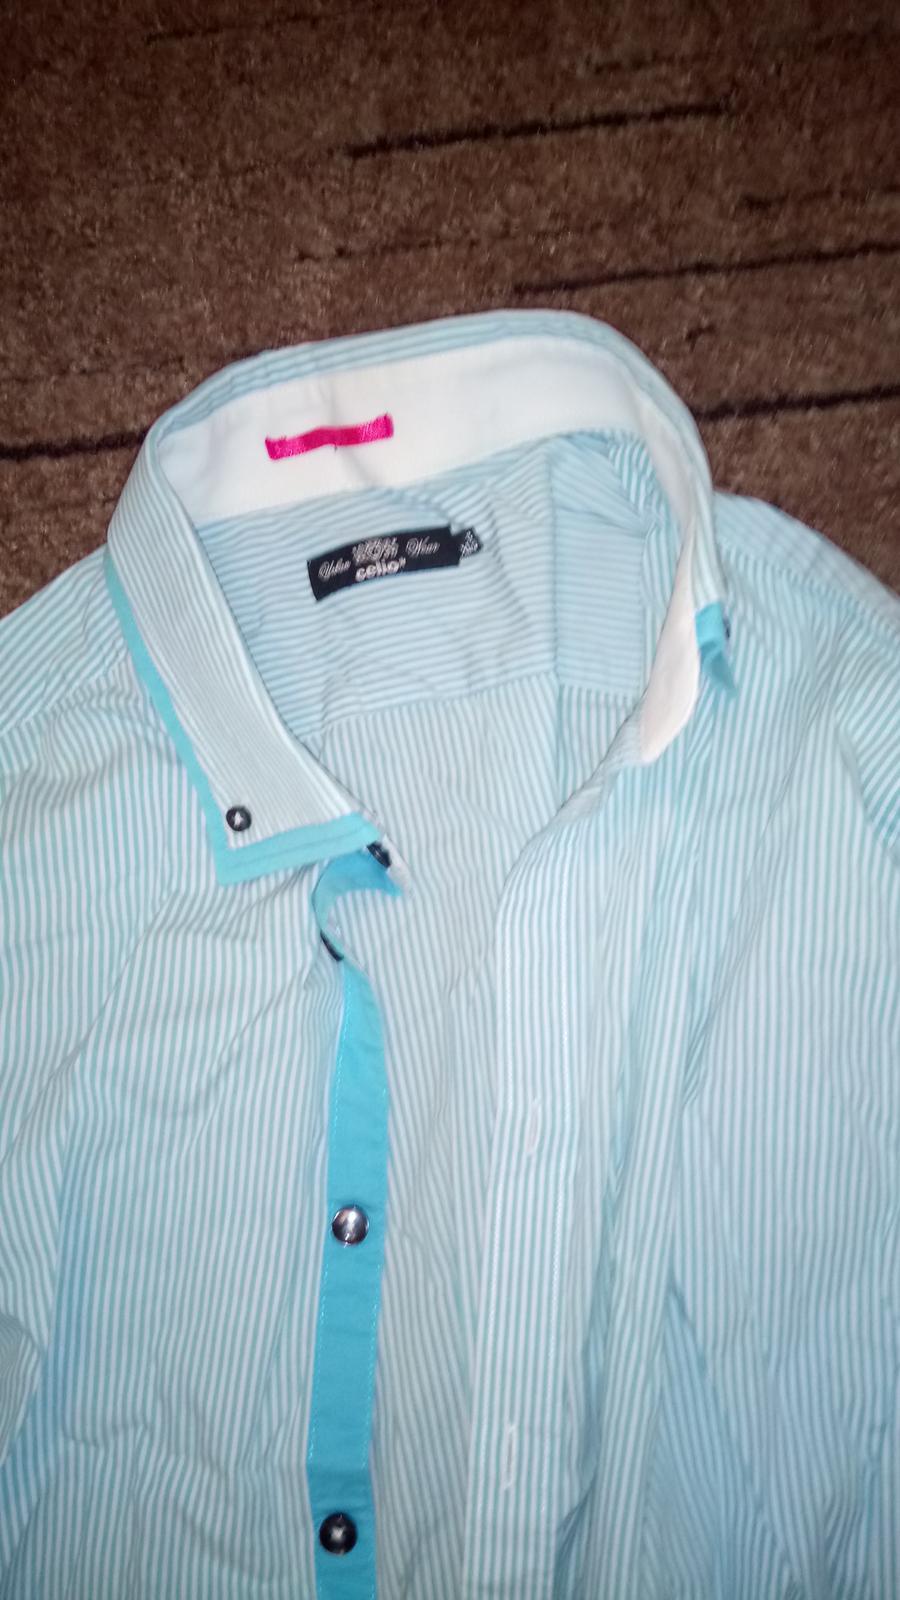 Košeľa - Celio - Obrázok č. 2